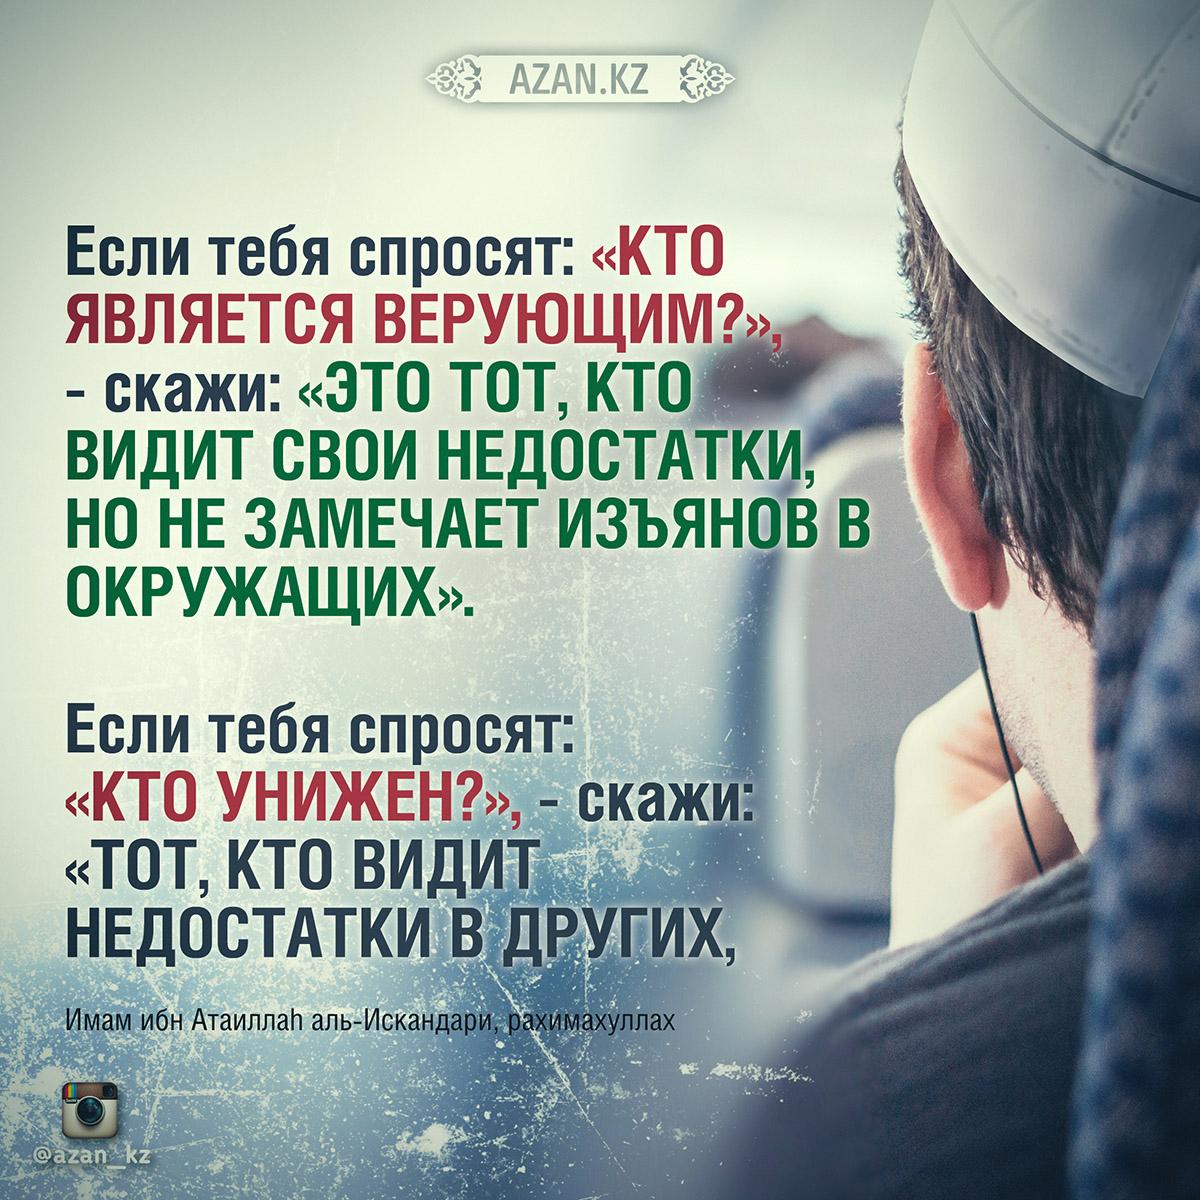 Рекламная открытка, картинки со смыслом исламские с надписями про брата